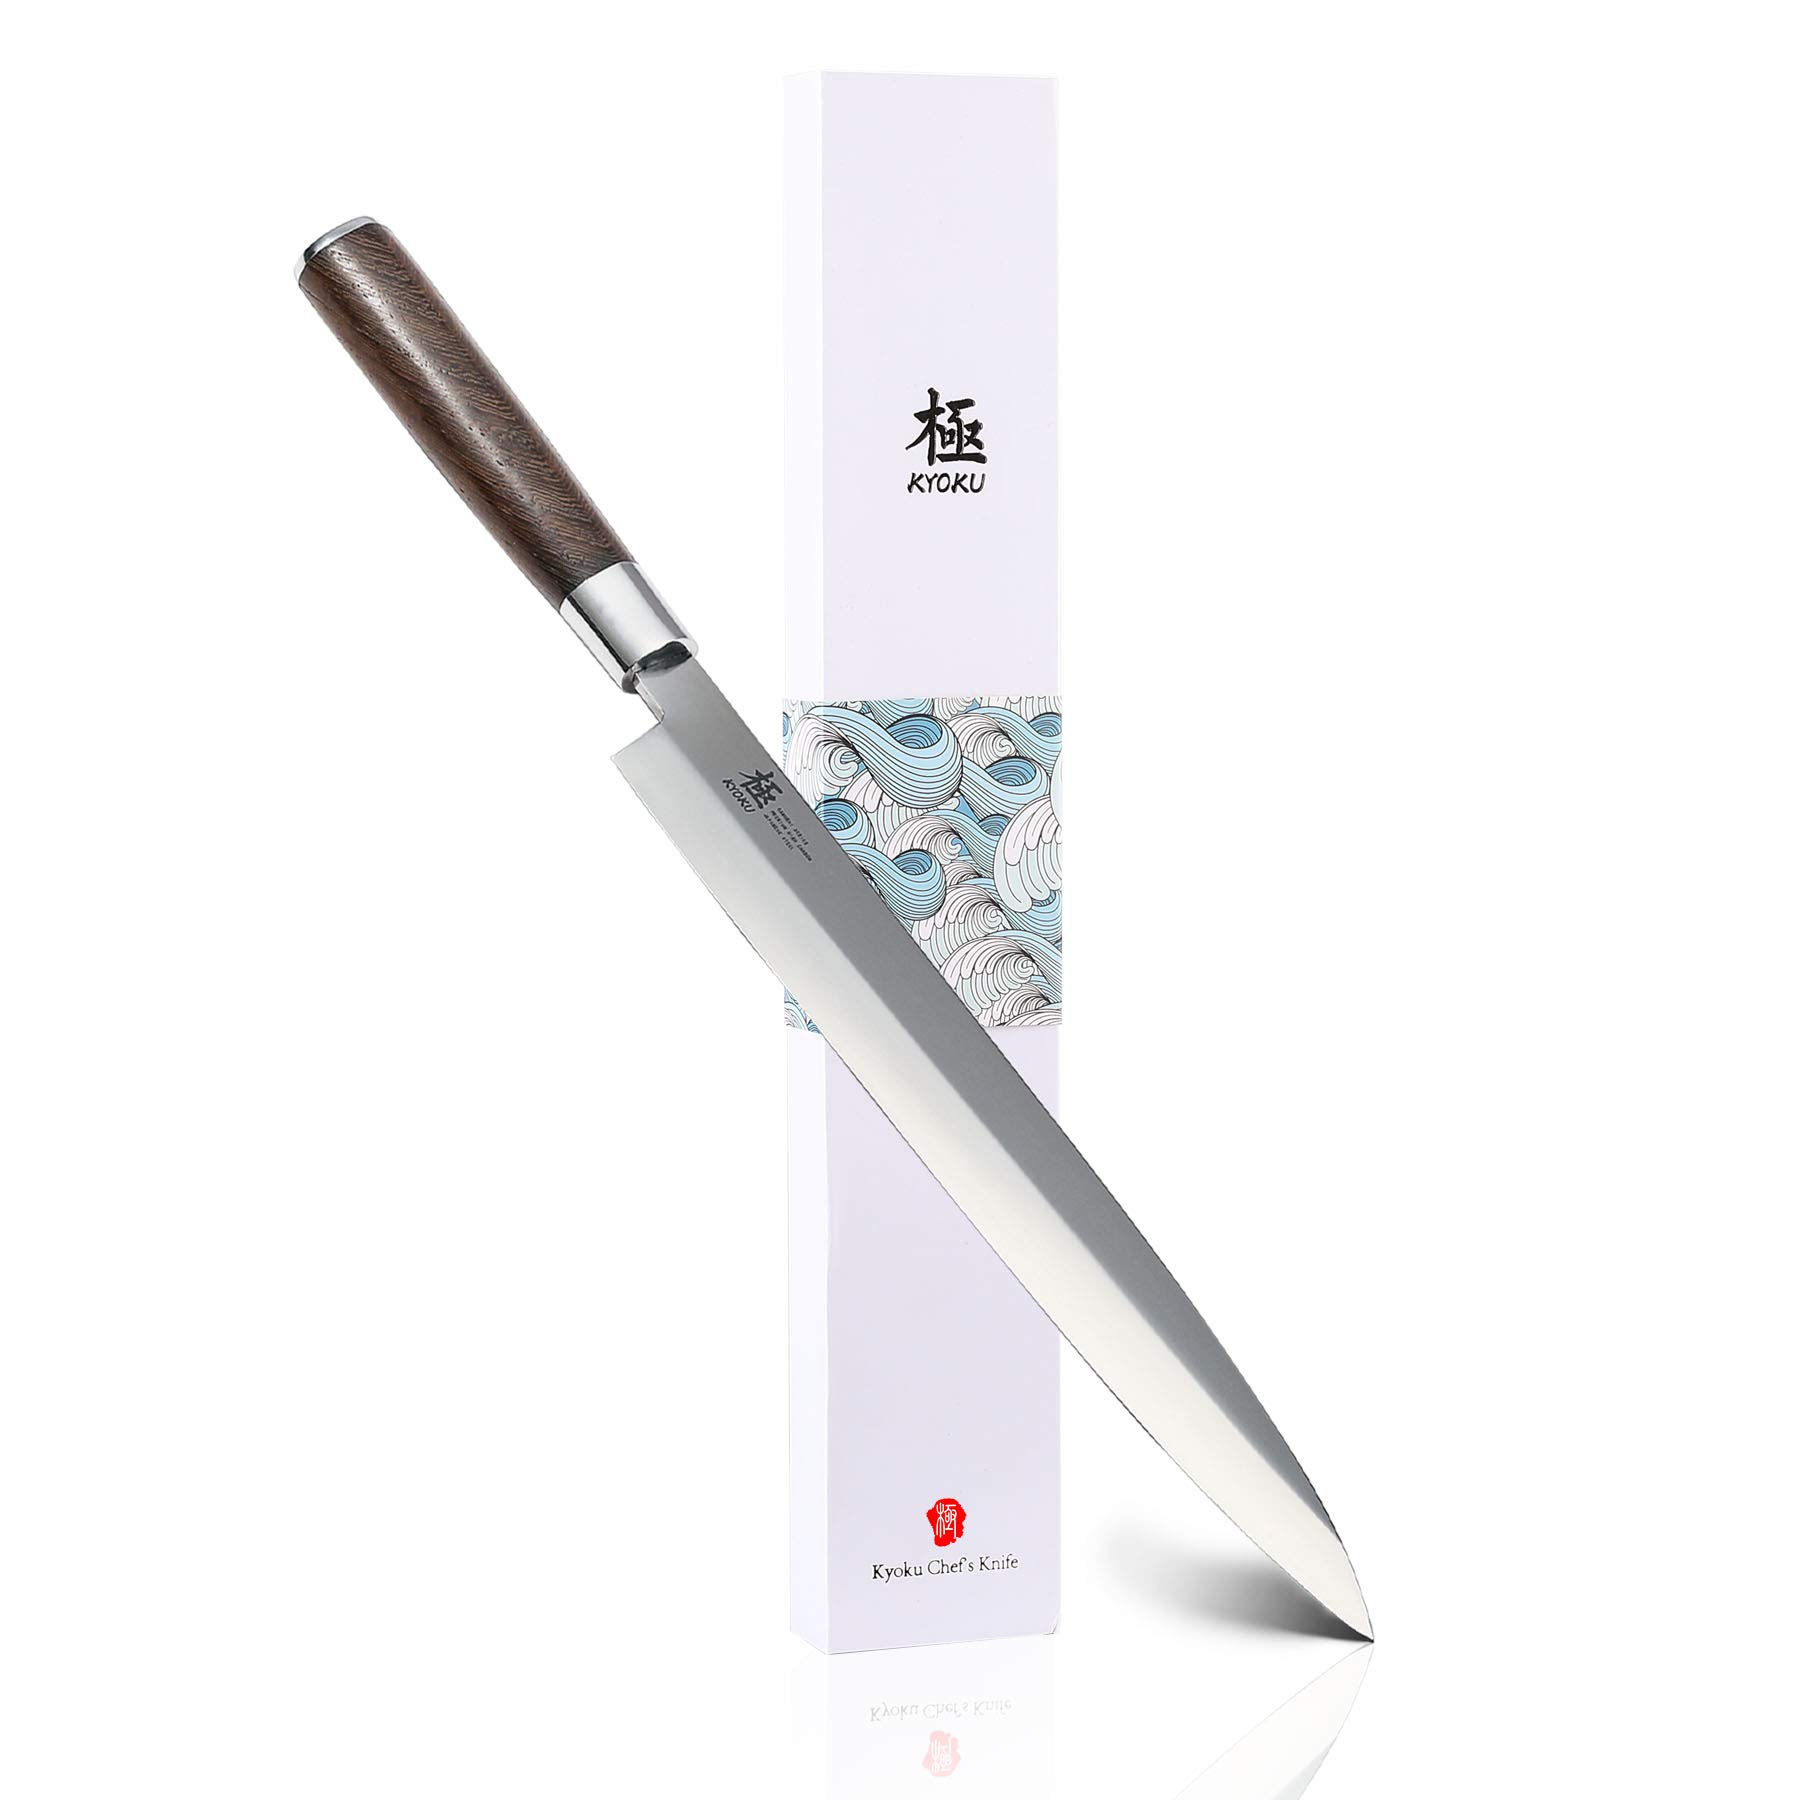 KYOKU Samurai Series - 10.5'' Yanagiba Knife Japanese Sushi Sashimi Knives - Superior Japanese Steel - Wenge Wood Handle - with Sheath & Case by KYOKU